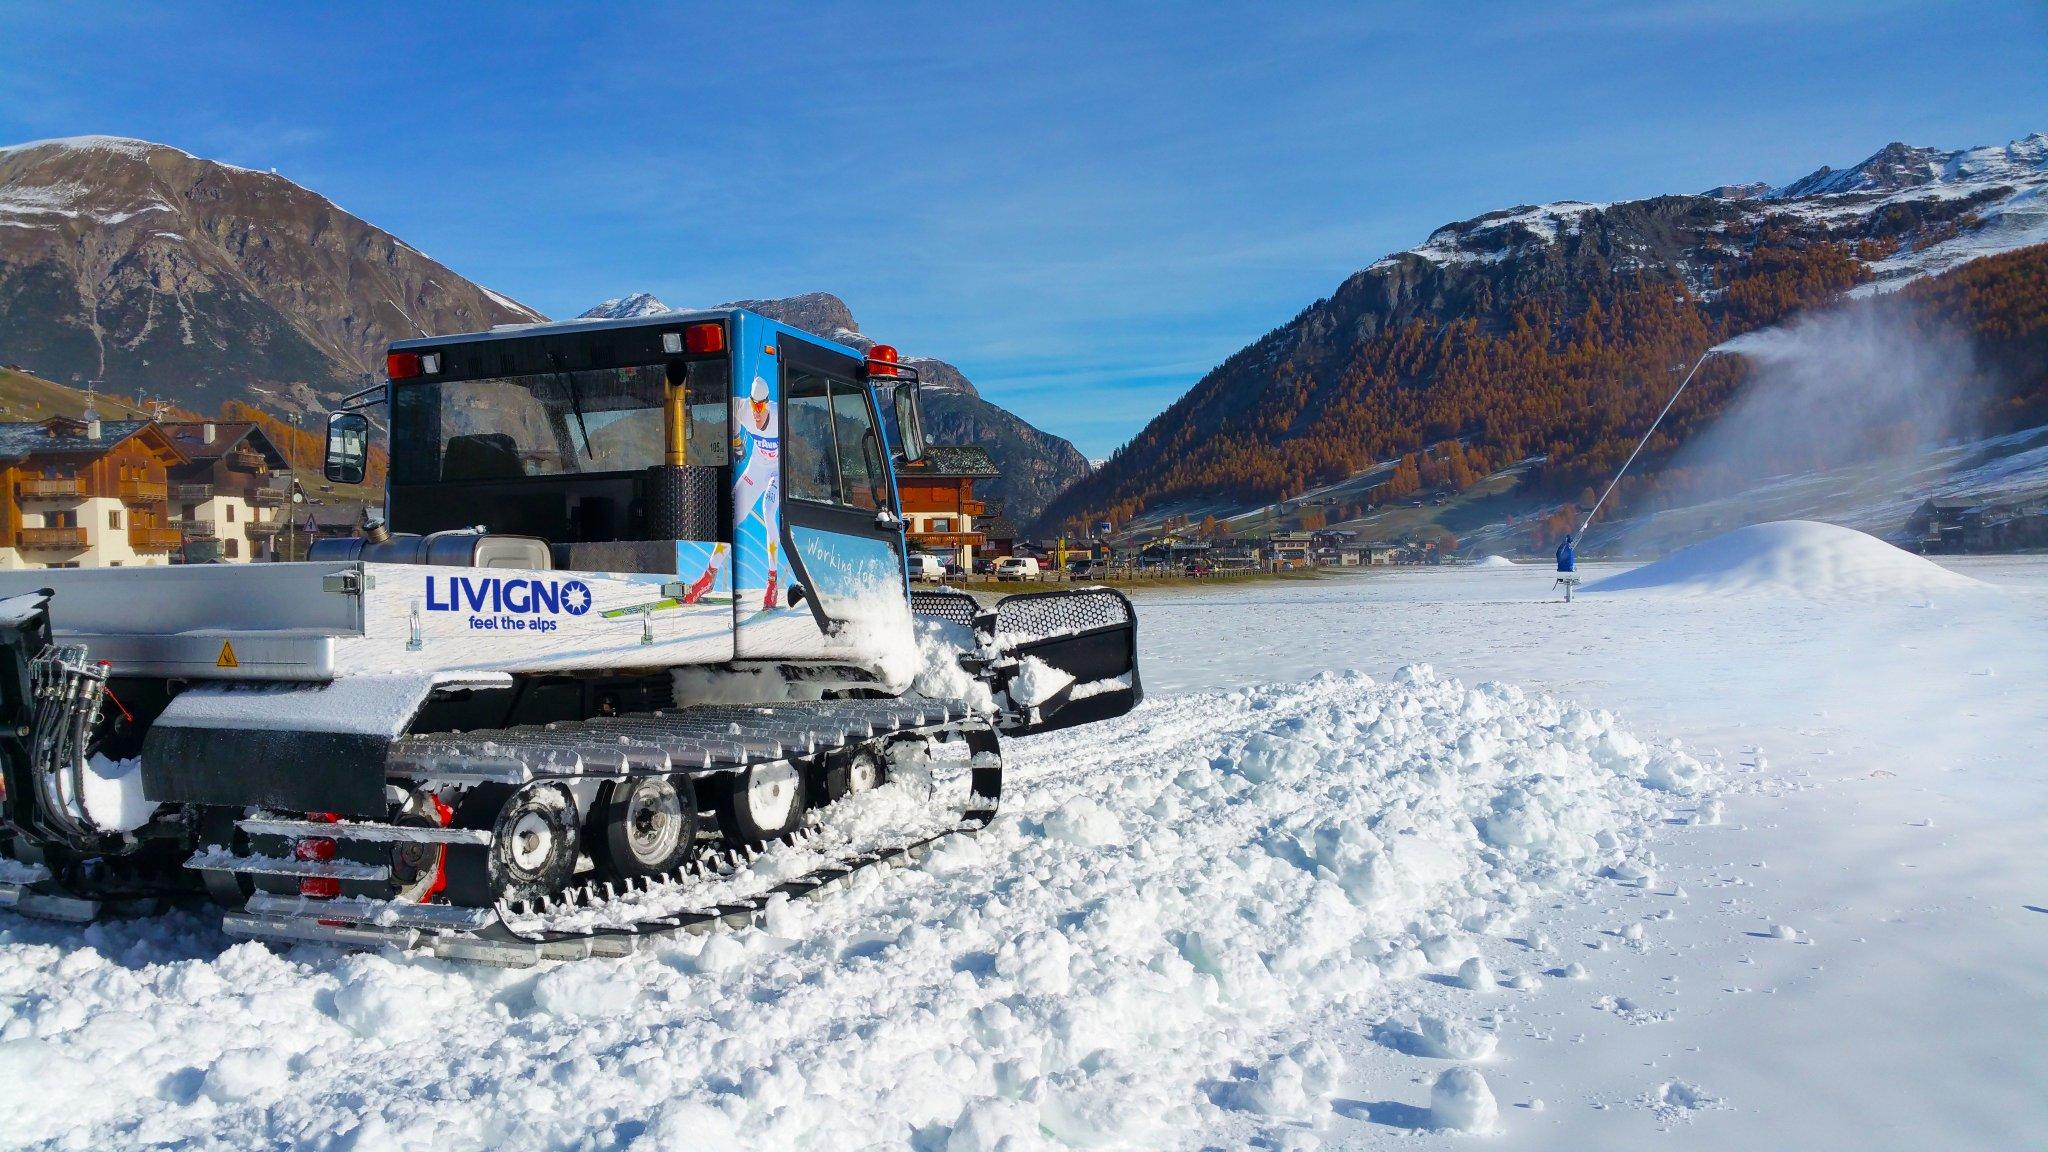 snow farming in Livigno